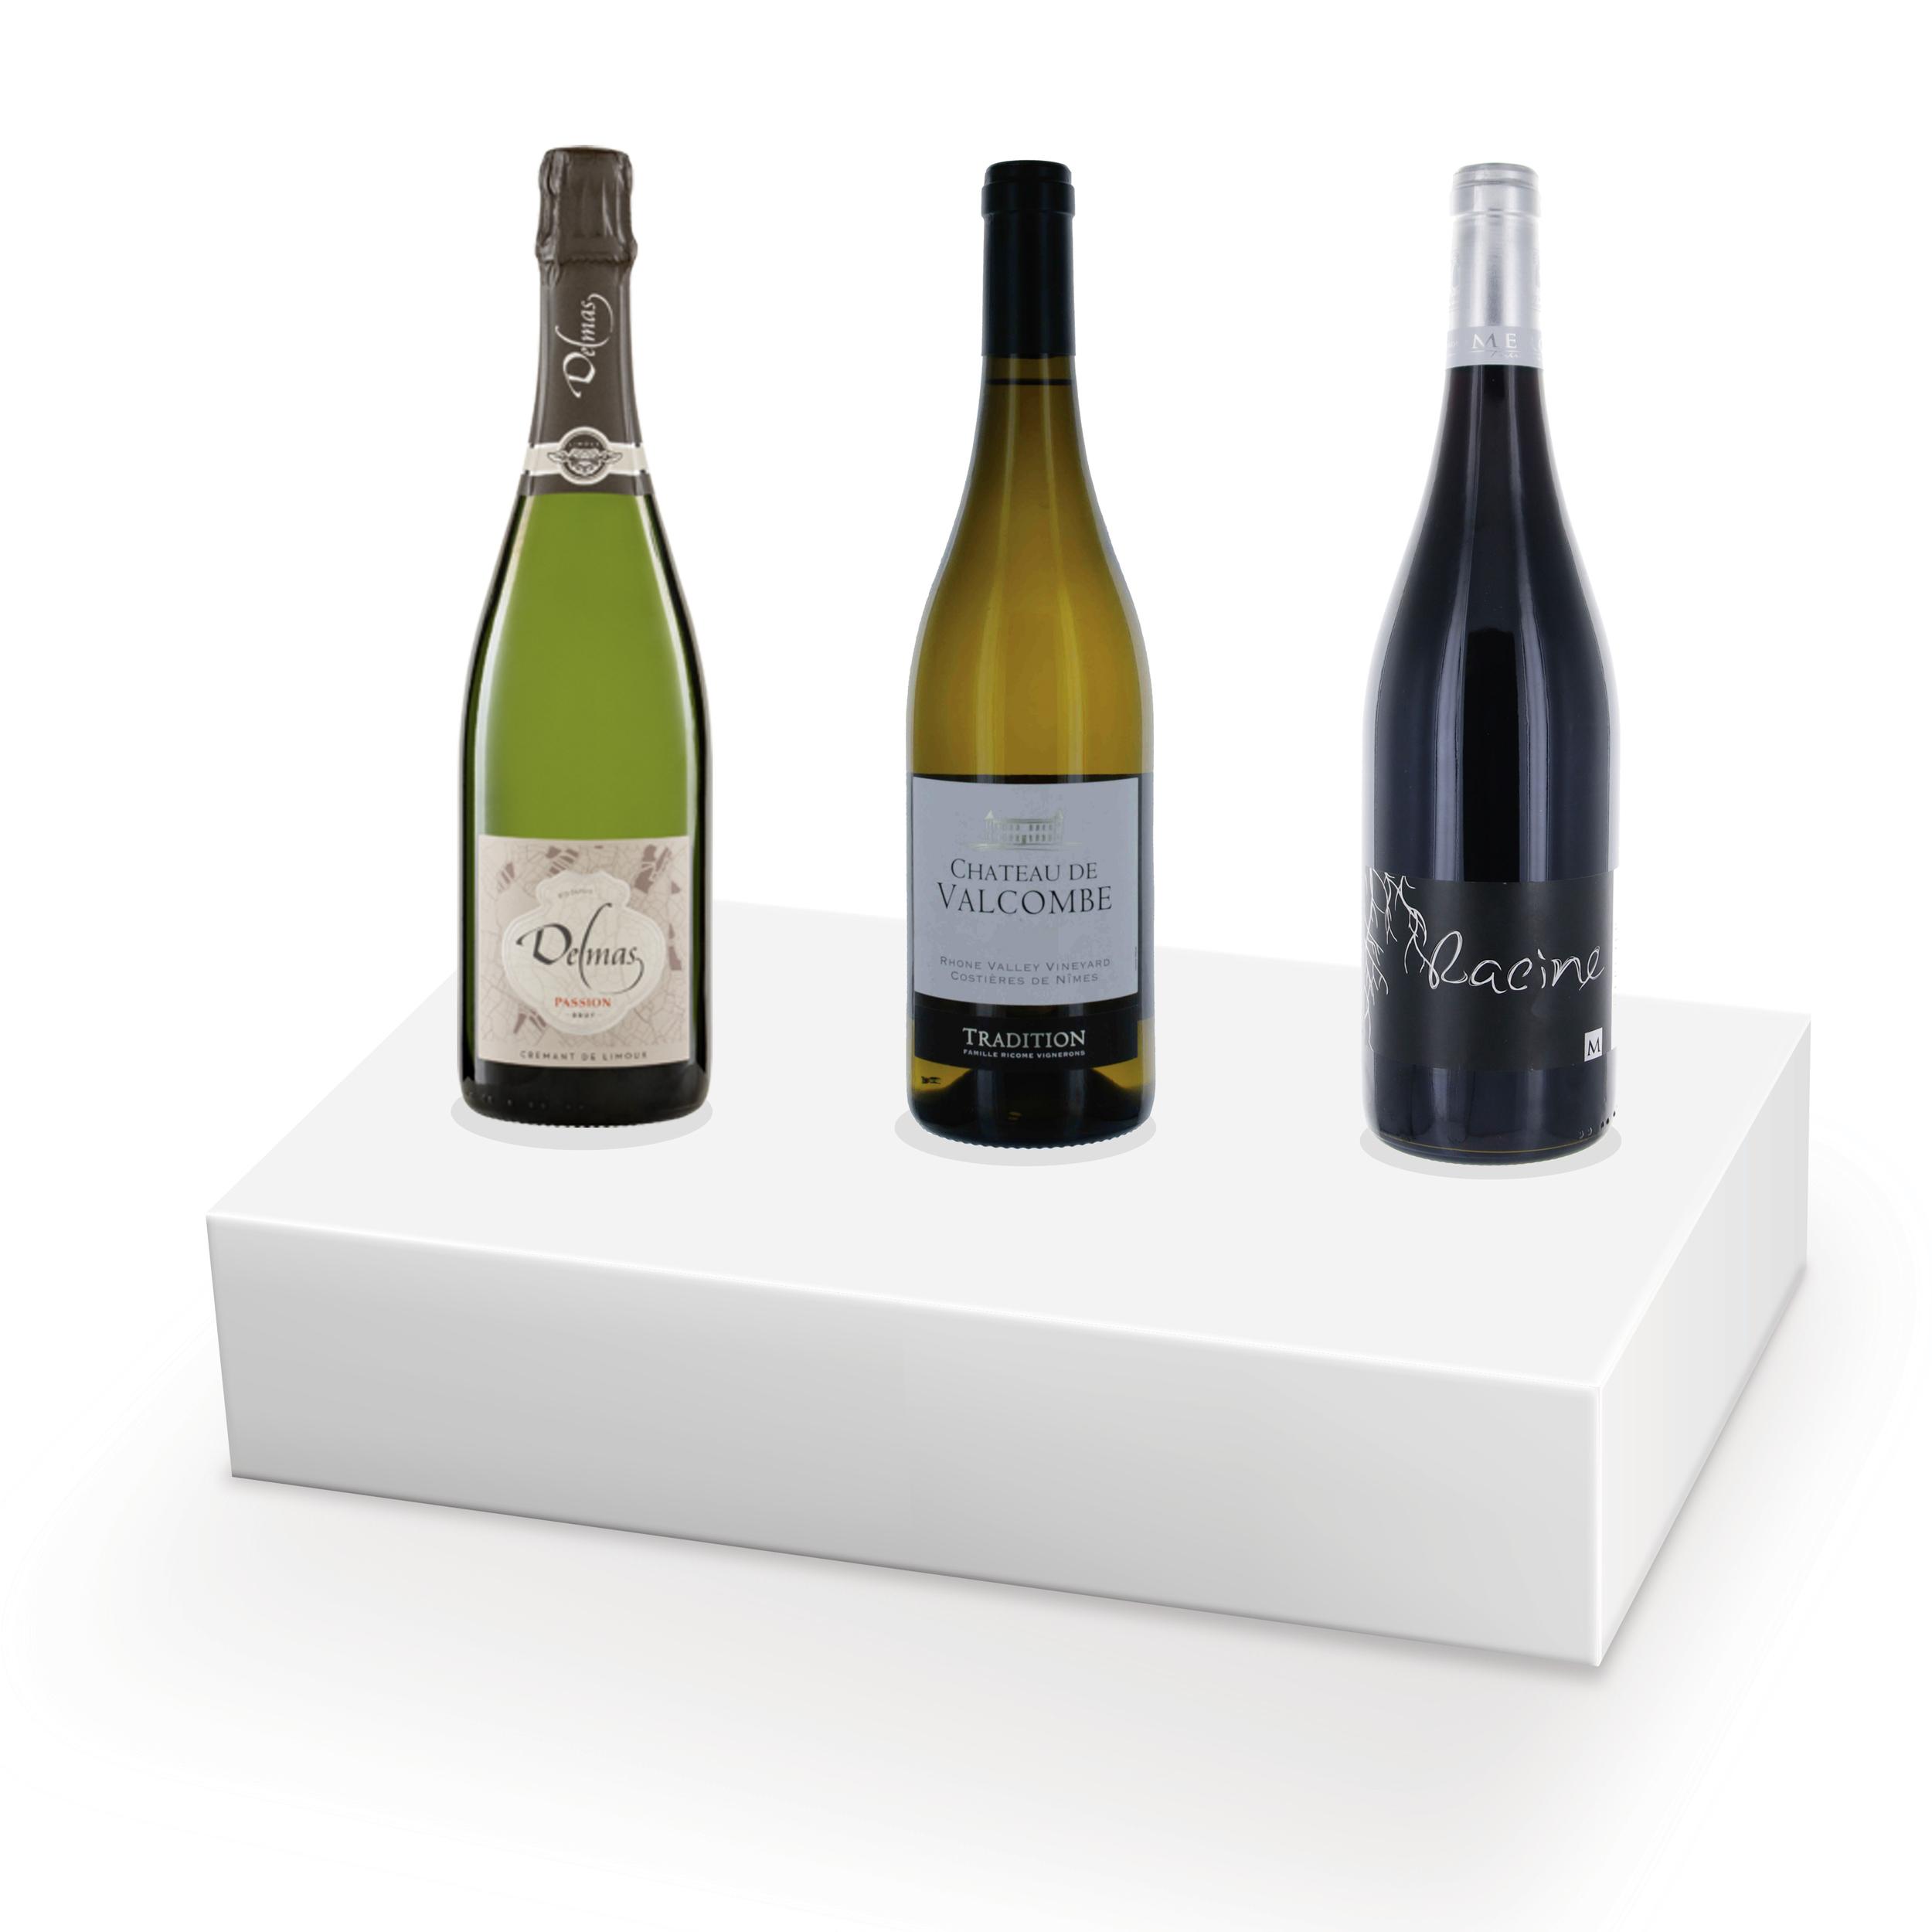 Coffret vins pour fondue bourguignonne - 3 bouteilles N°2